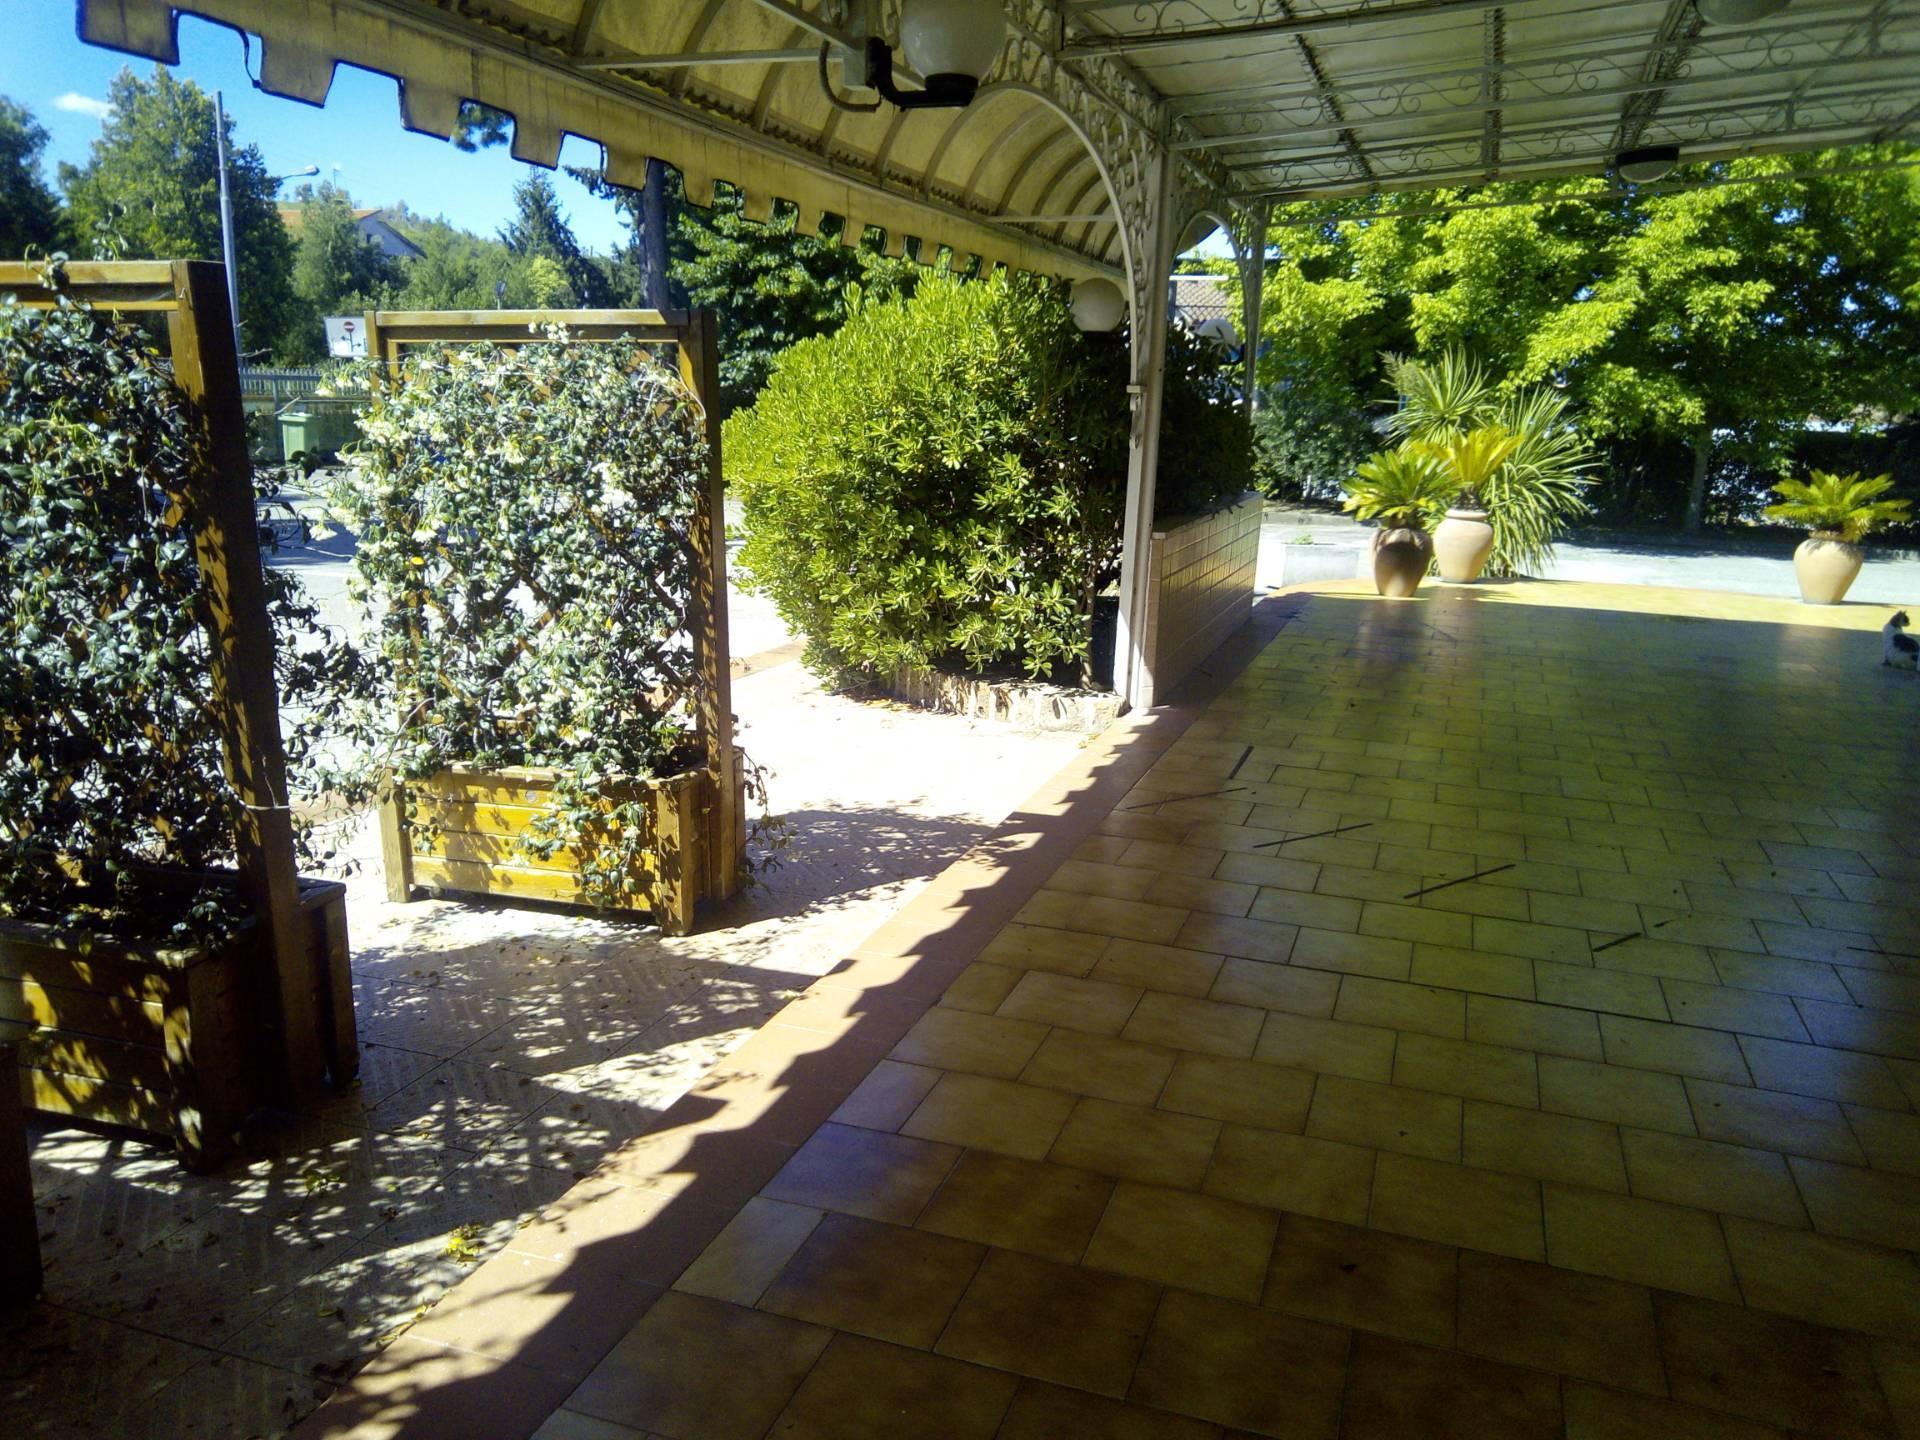 Negozio / Locale in affitto a Chieti, 9999 locali, zona Zona: Semicentro, prezzo € 1.900 | CambioCasa.it